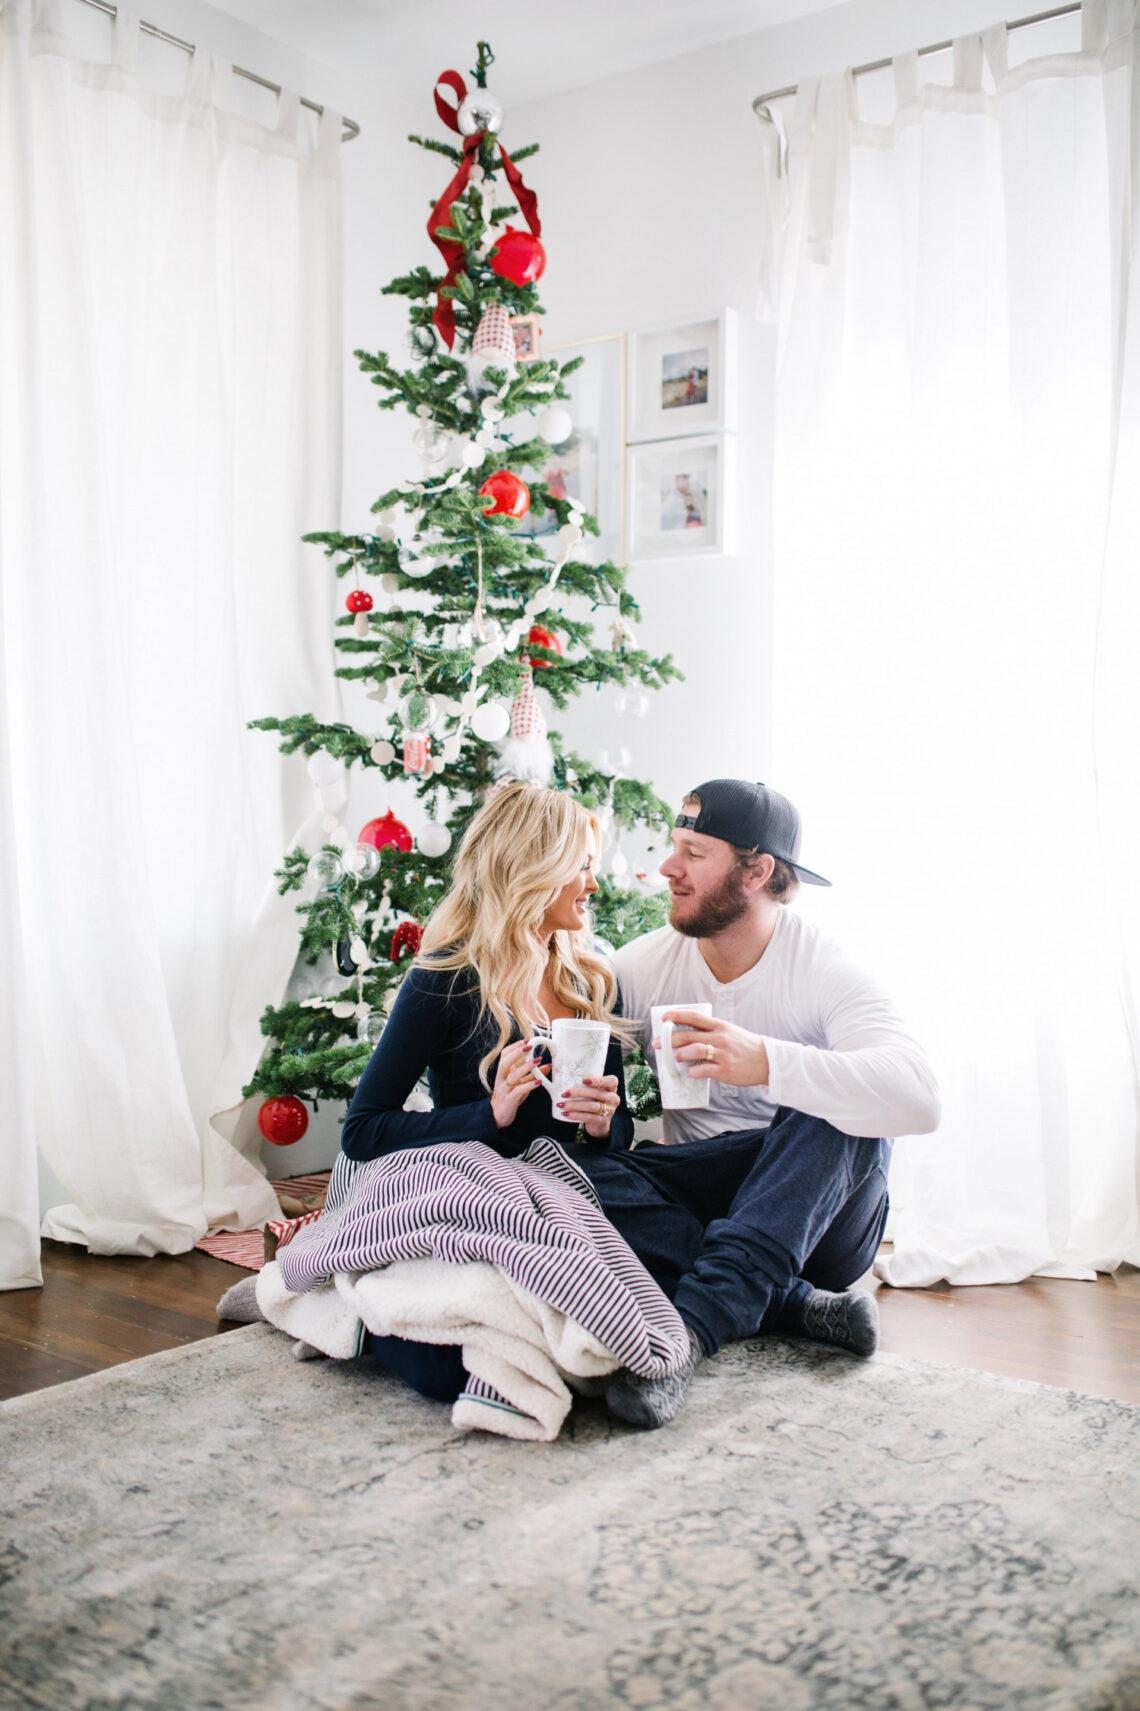 Ezzel az 5 csillagjeggyel a legnehezebb együtt karácsonyozni